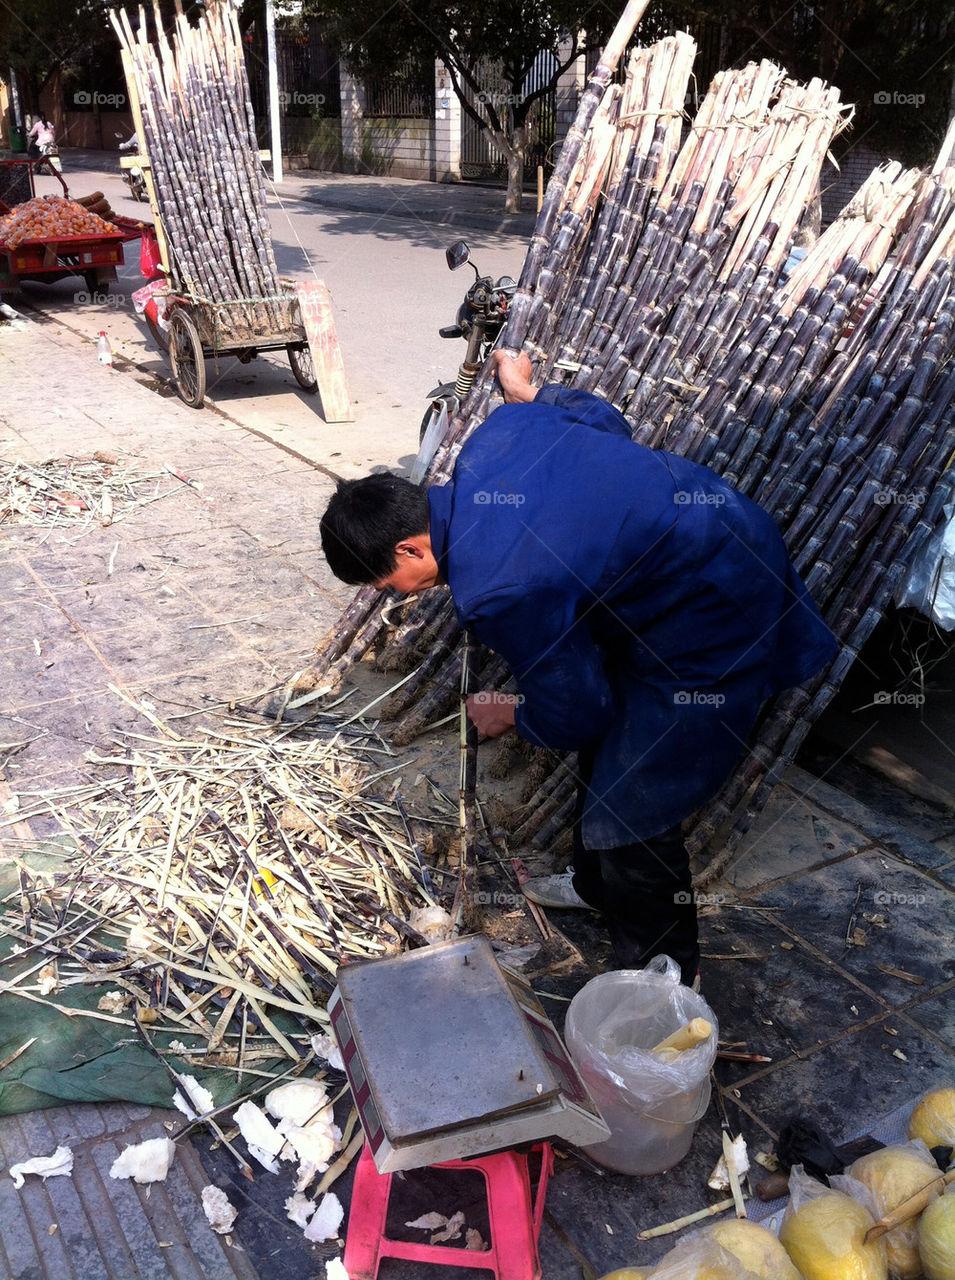 A sugarcane vendor on the streets og Guilin, China.